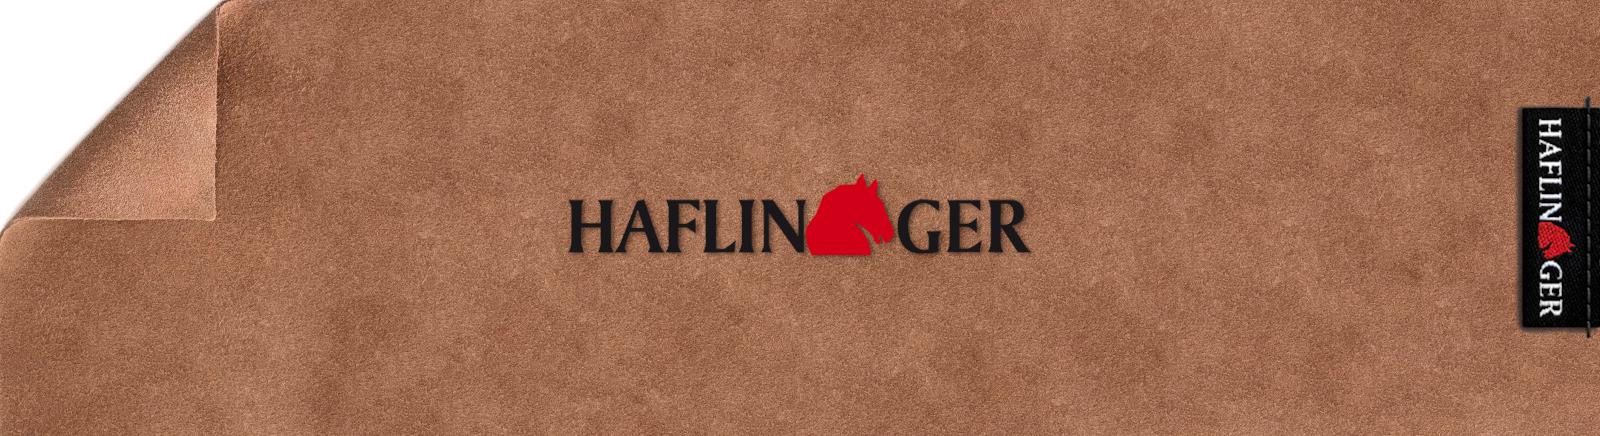 Haflinger Hausschuhe für die ganze Familie bei Prange entdecken